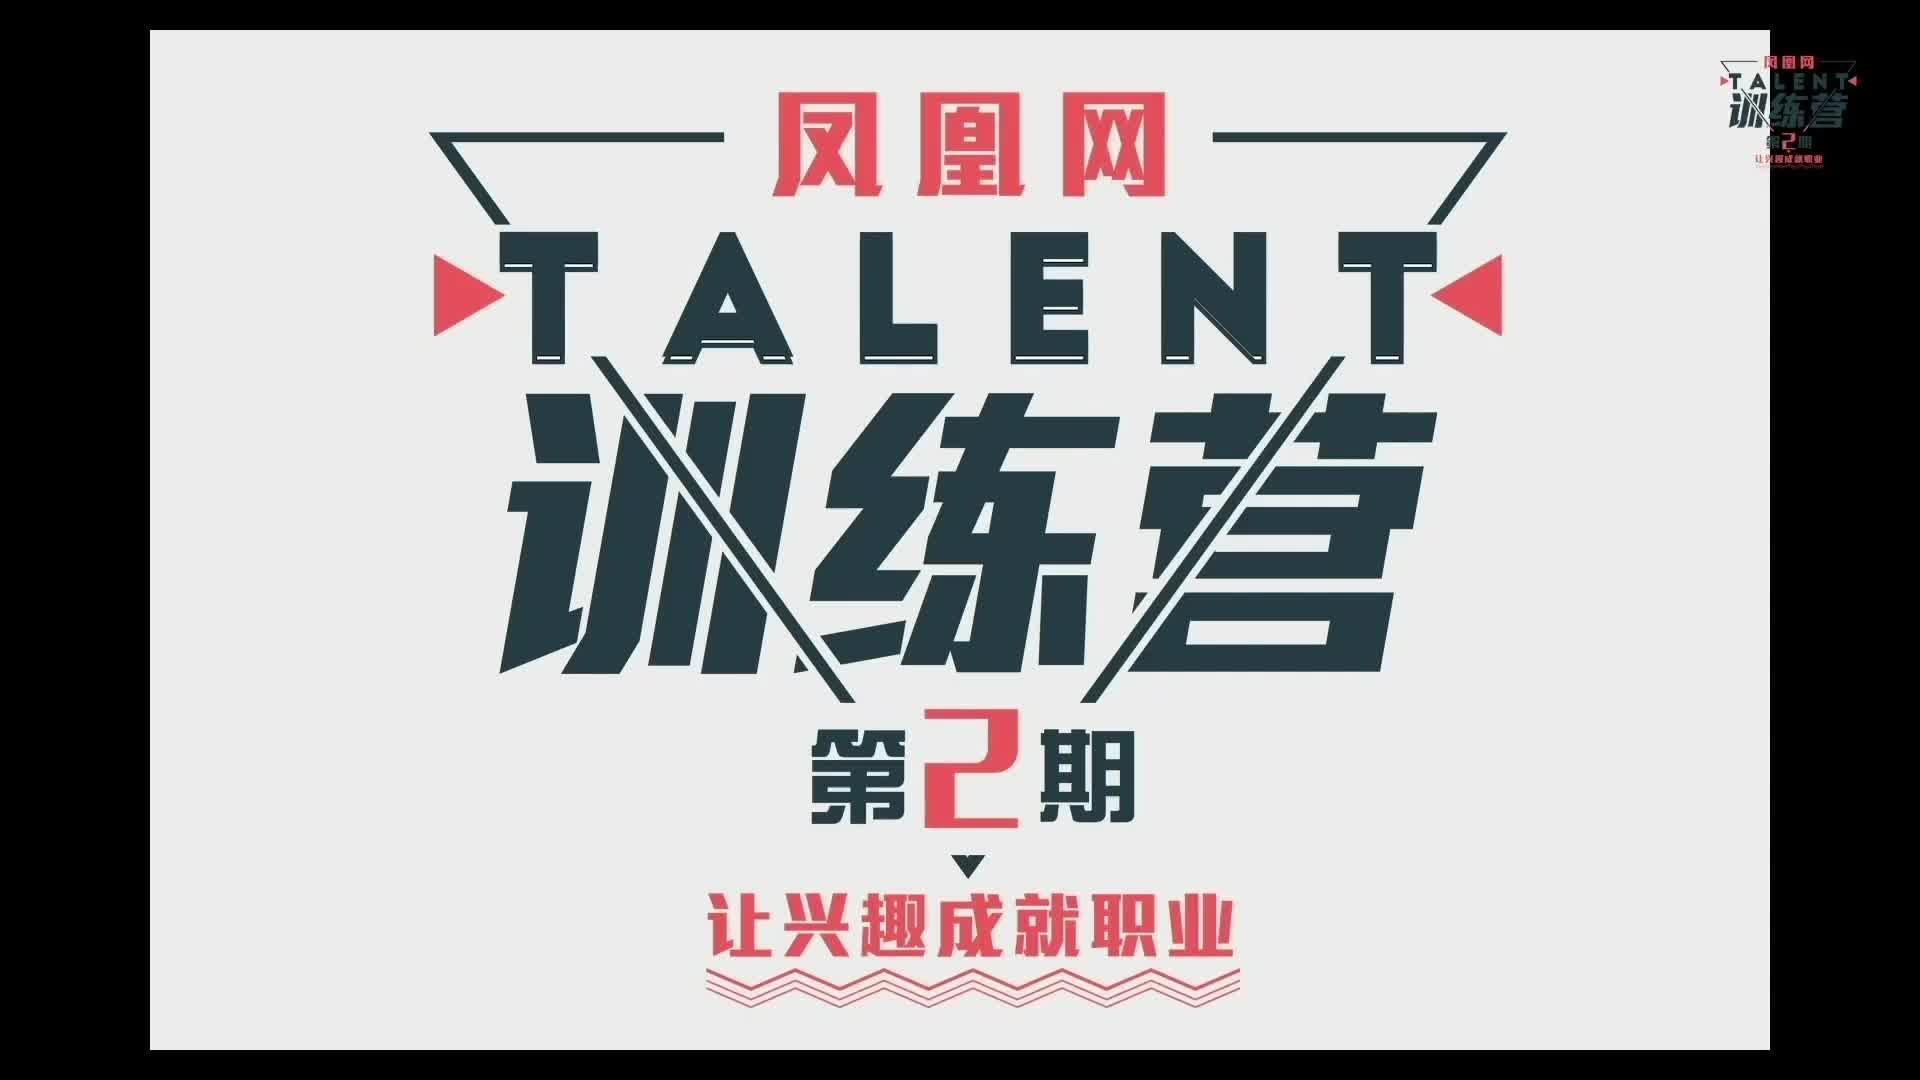 人大|凤凰网TALENT训练营(第二期)